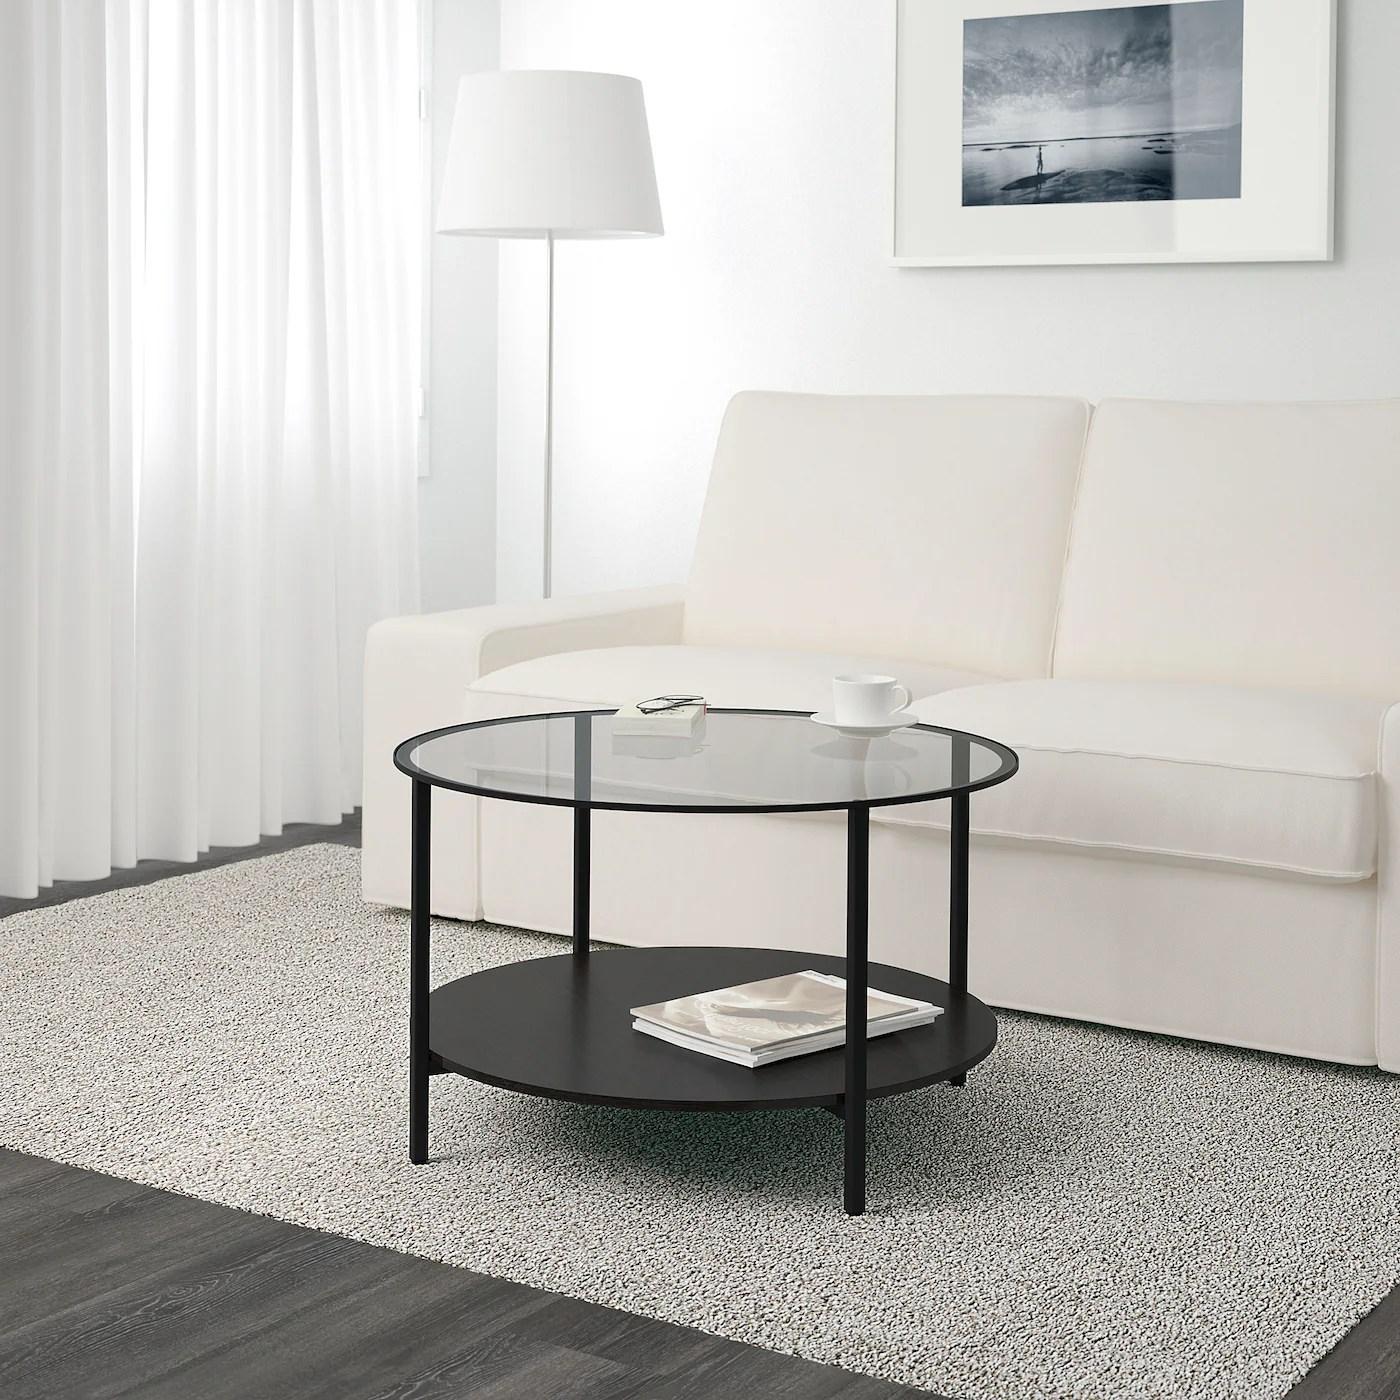 Vittsjo Table Basse Brun Noir Verre 291 2 75 Cm Ikea